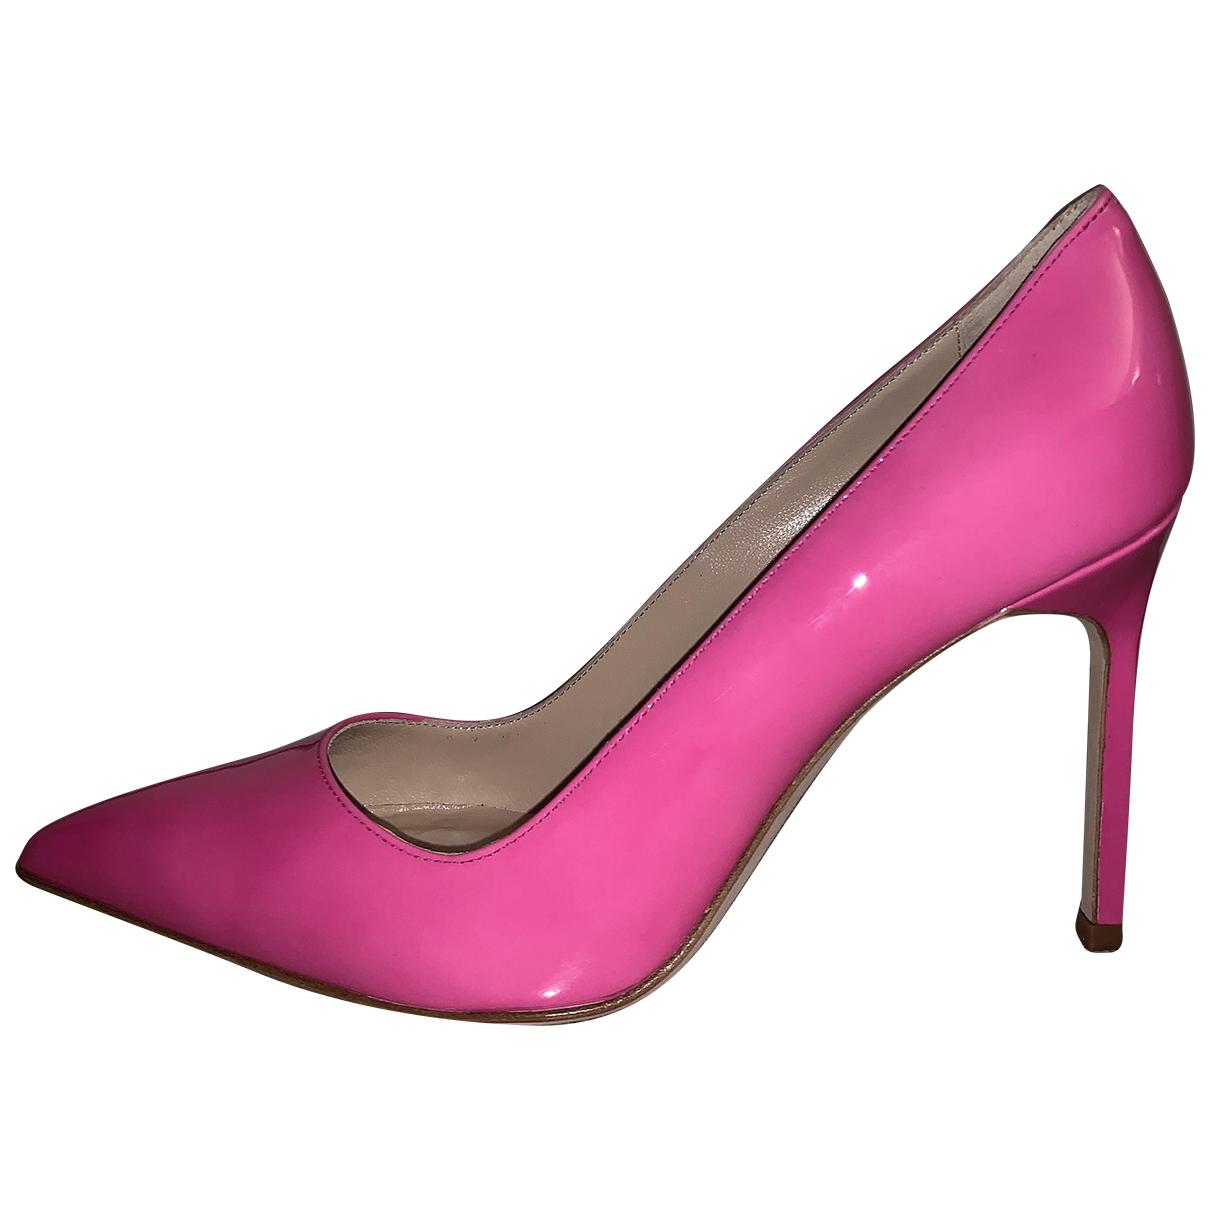 Manolo Blahnik - Escarpins   pour femme en cuir verni - rose